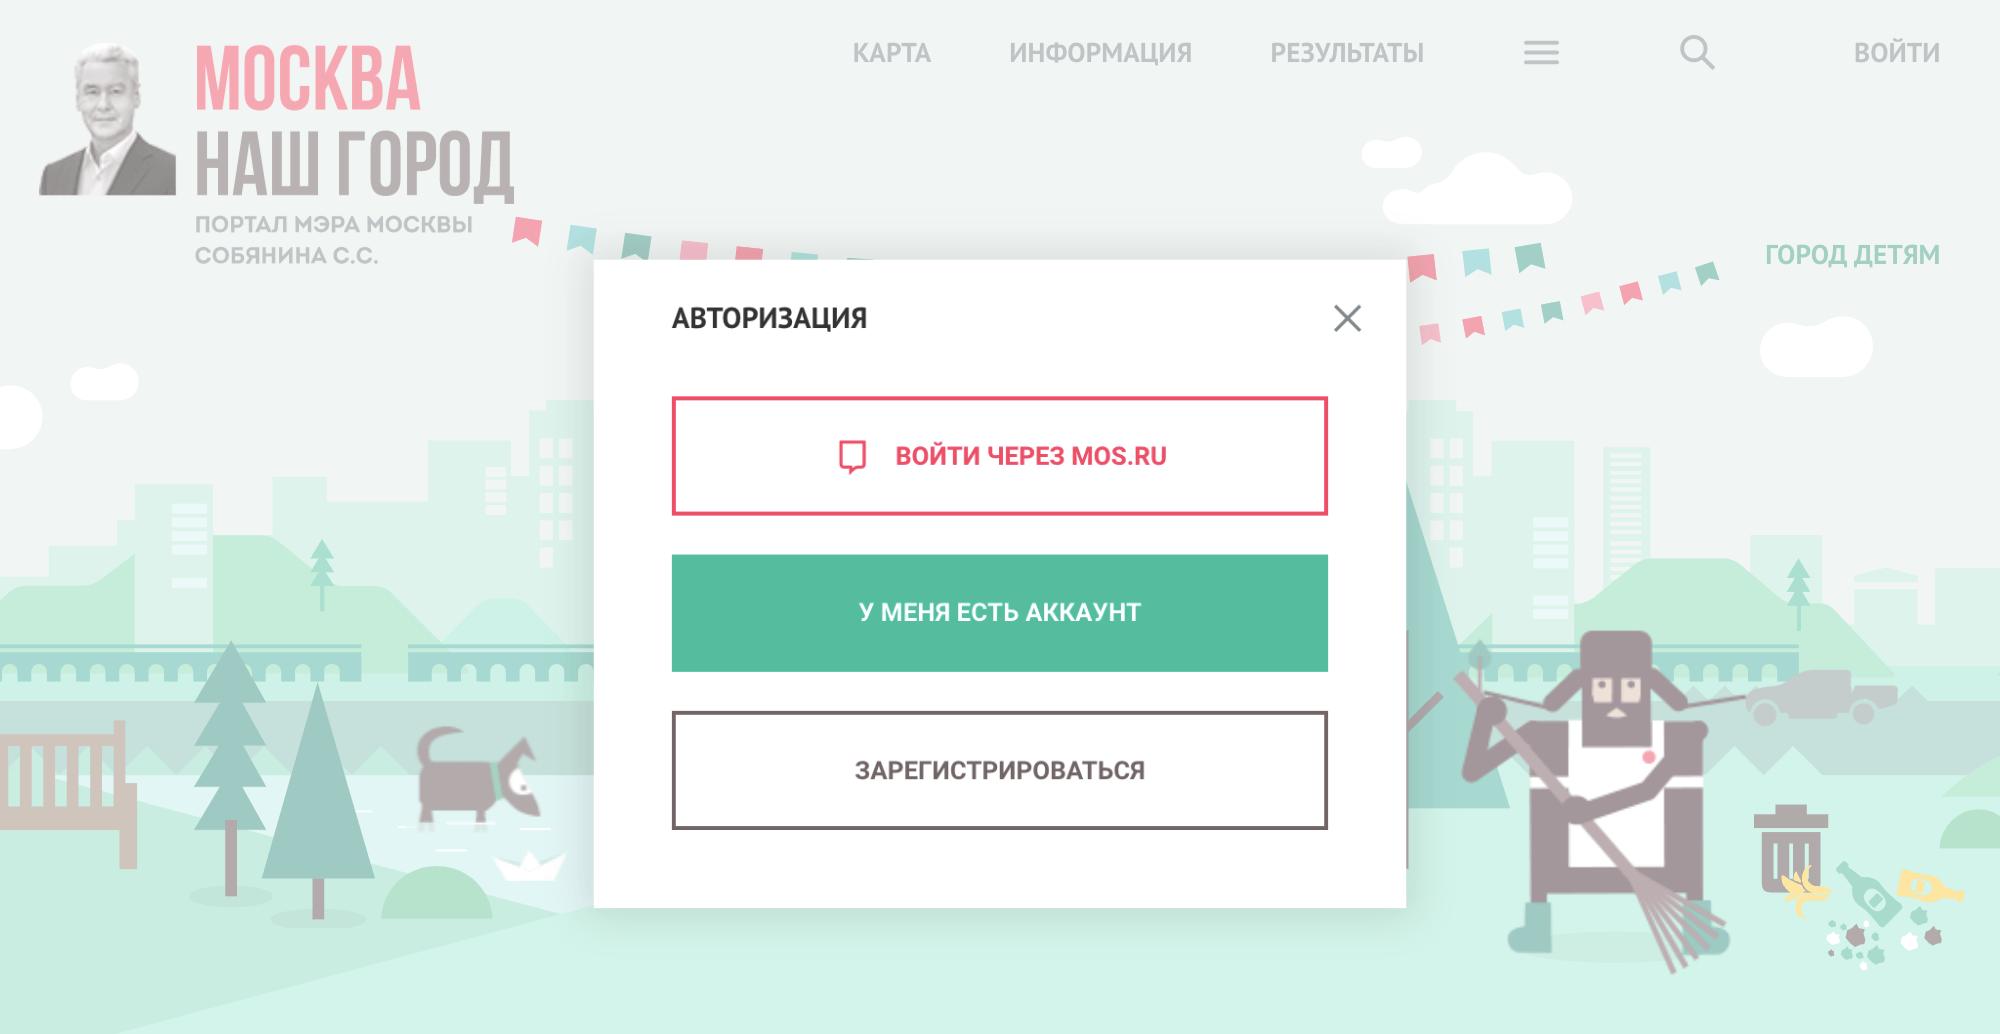 Зарегистрируйтесь или войдите через сайт Правительства Москвы, чтобы оставить обращение